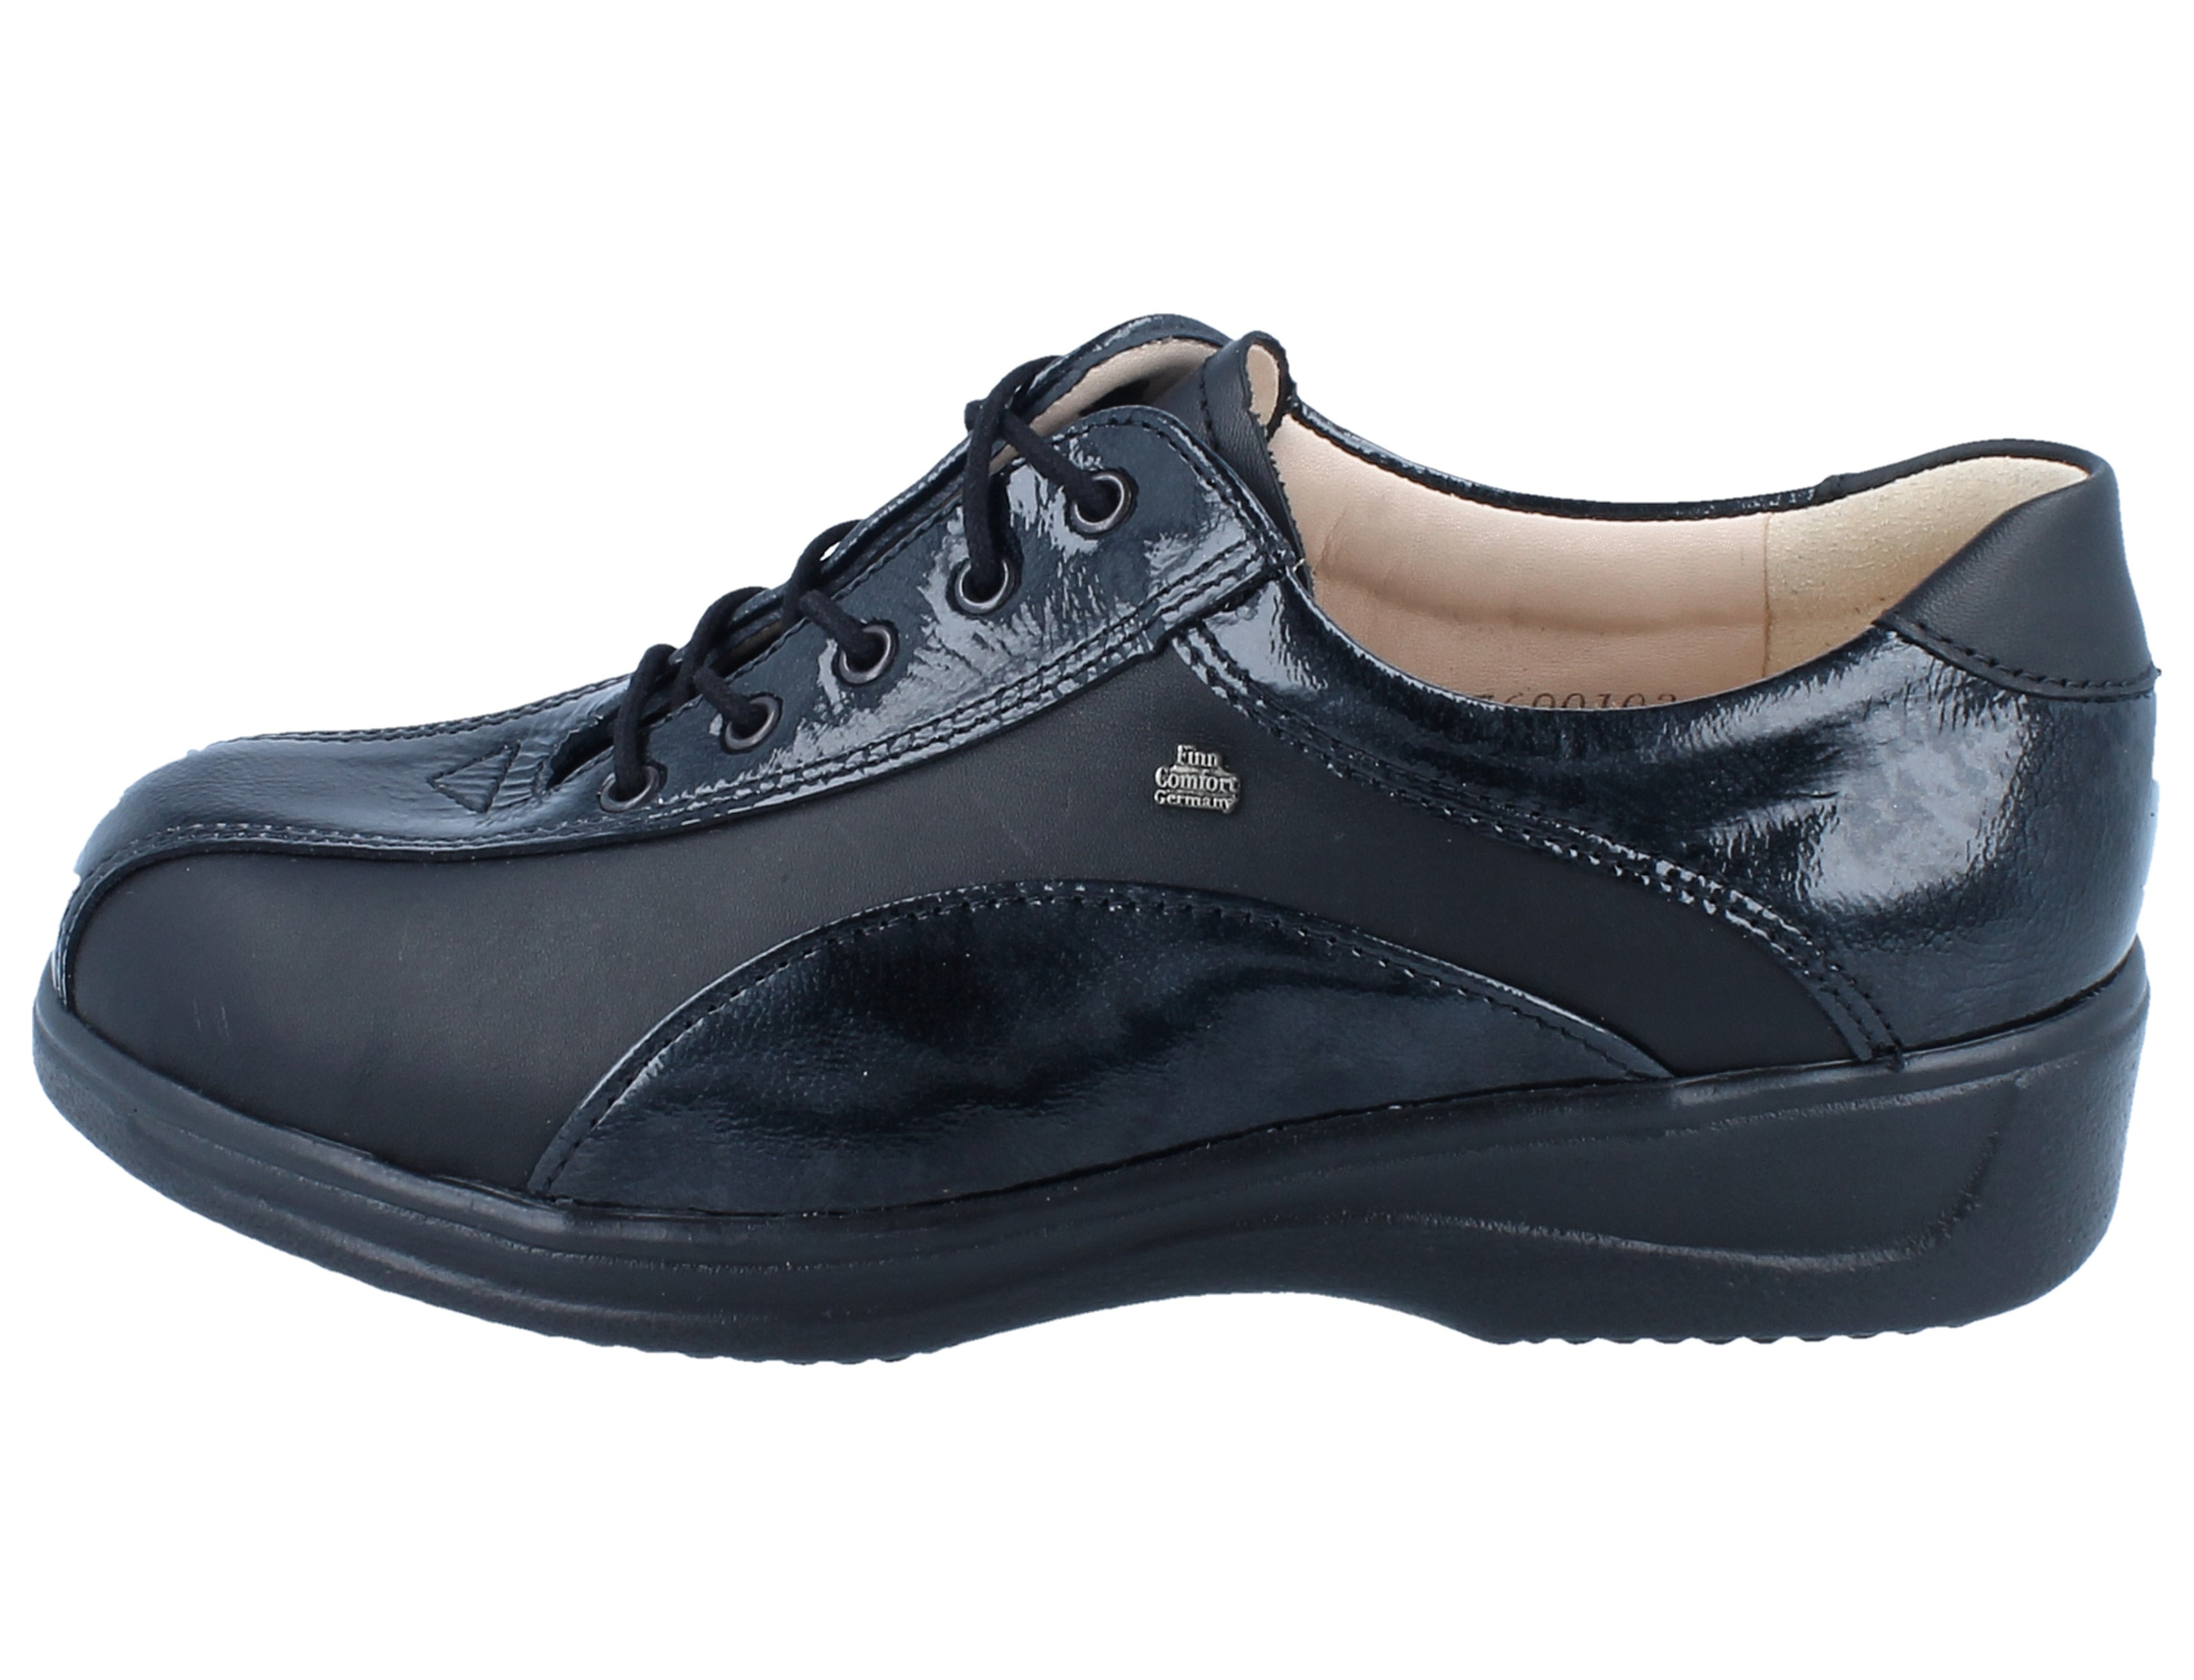 FinnComfort ALMERIA schwarz gesund + bequem Schuh für Damen